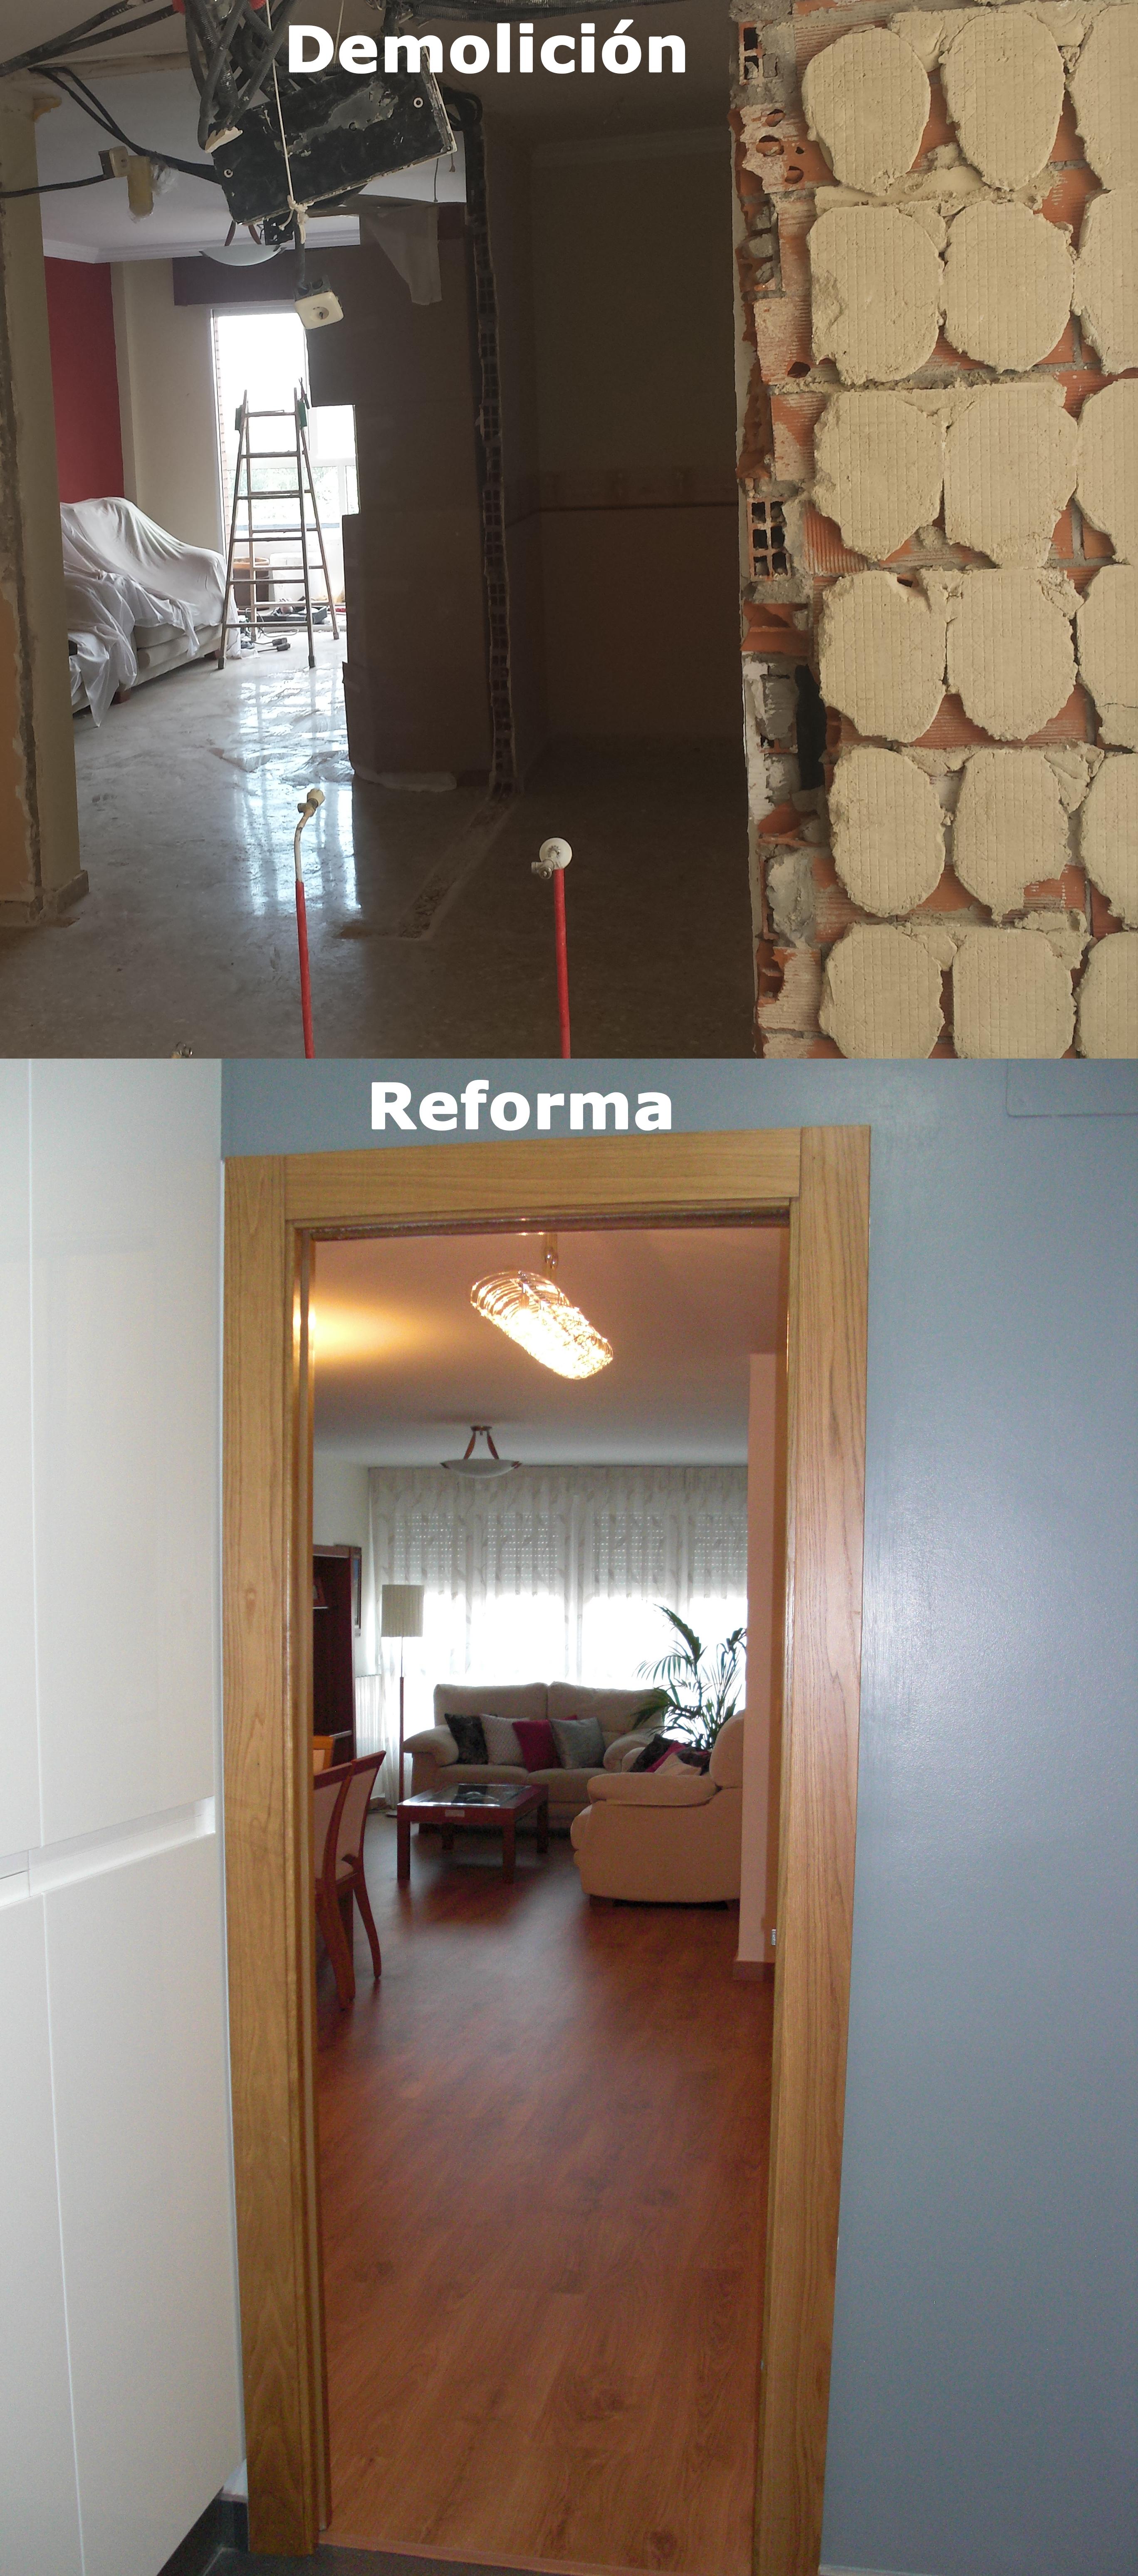 Demolición y estado reformado en vivienda